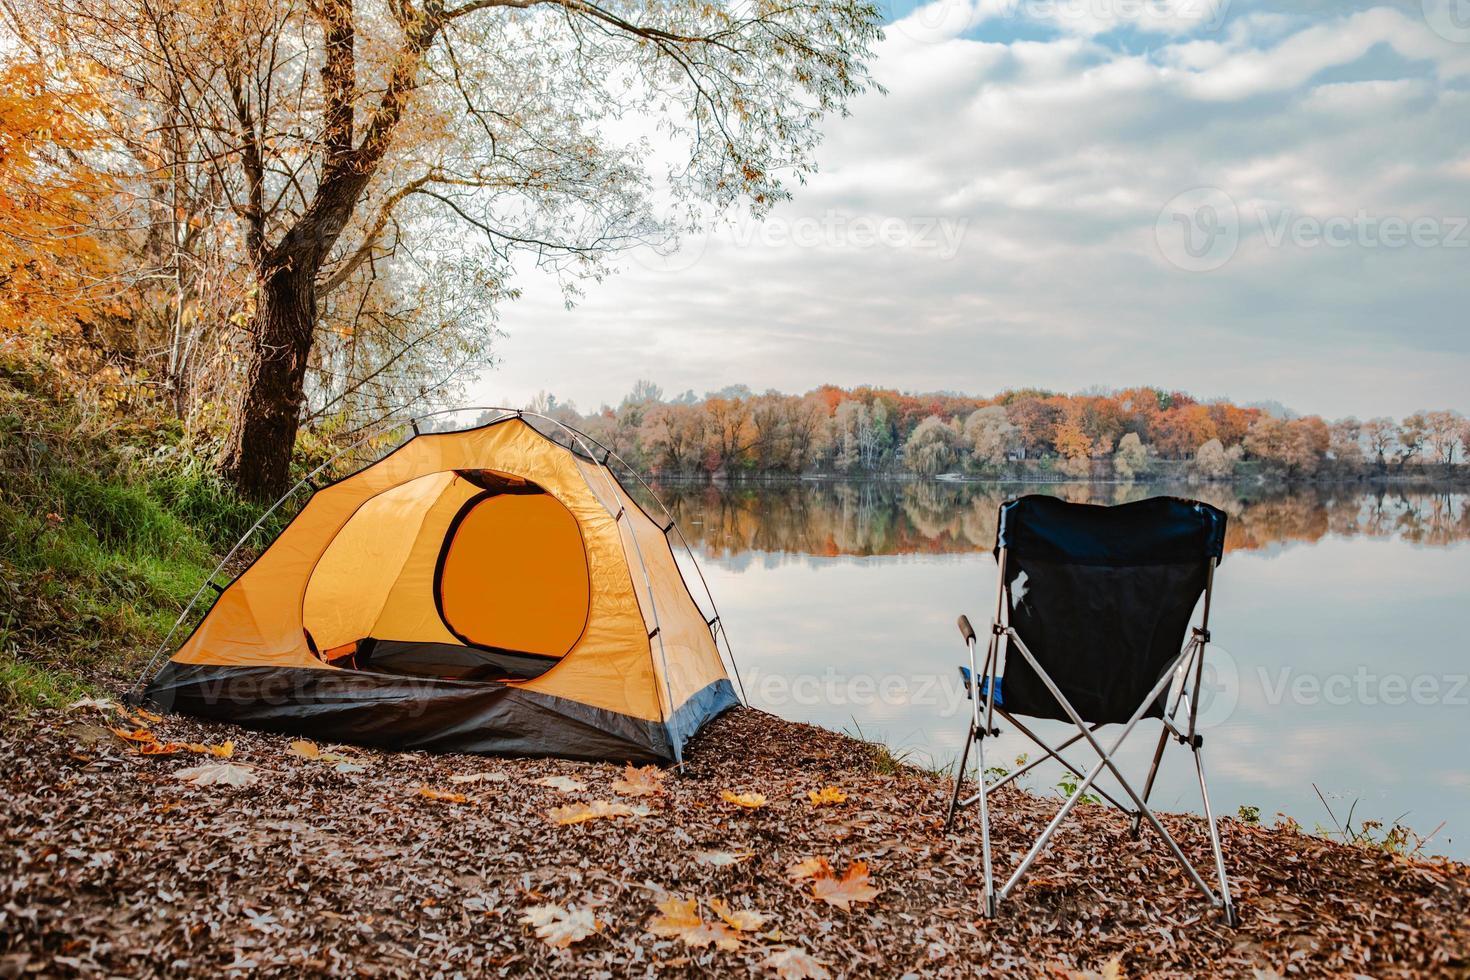 tente à la plage du lac automne saison d'automne photo